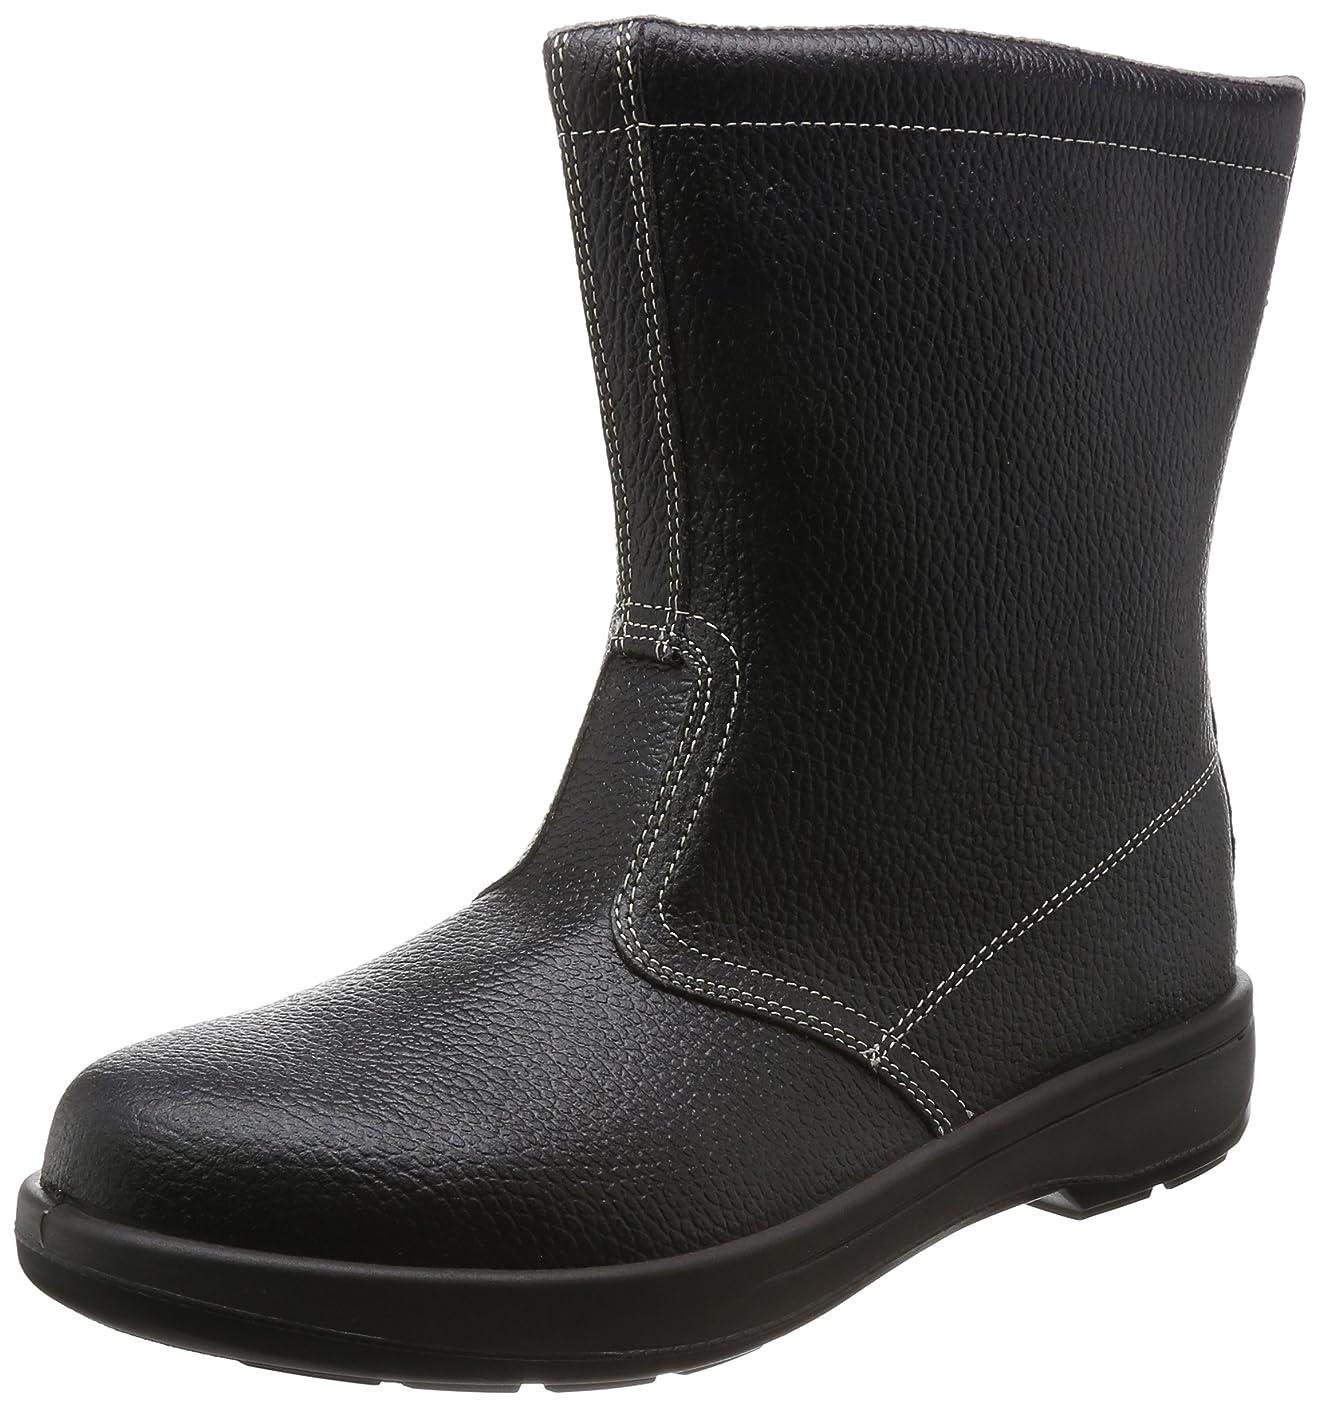 立場消化器かもしれない安全靴 半長靴 AW44 メンズ